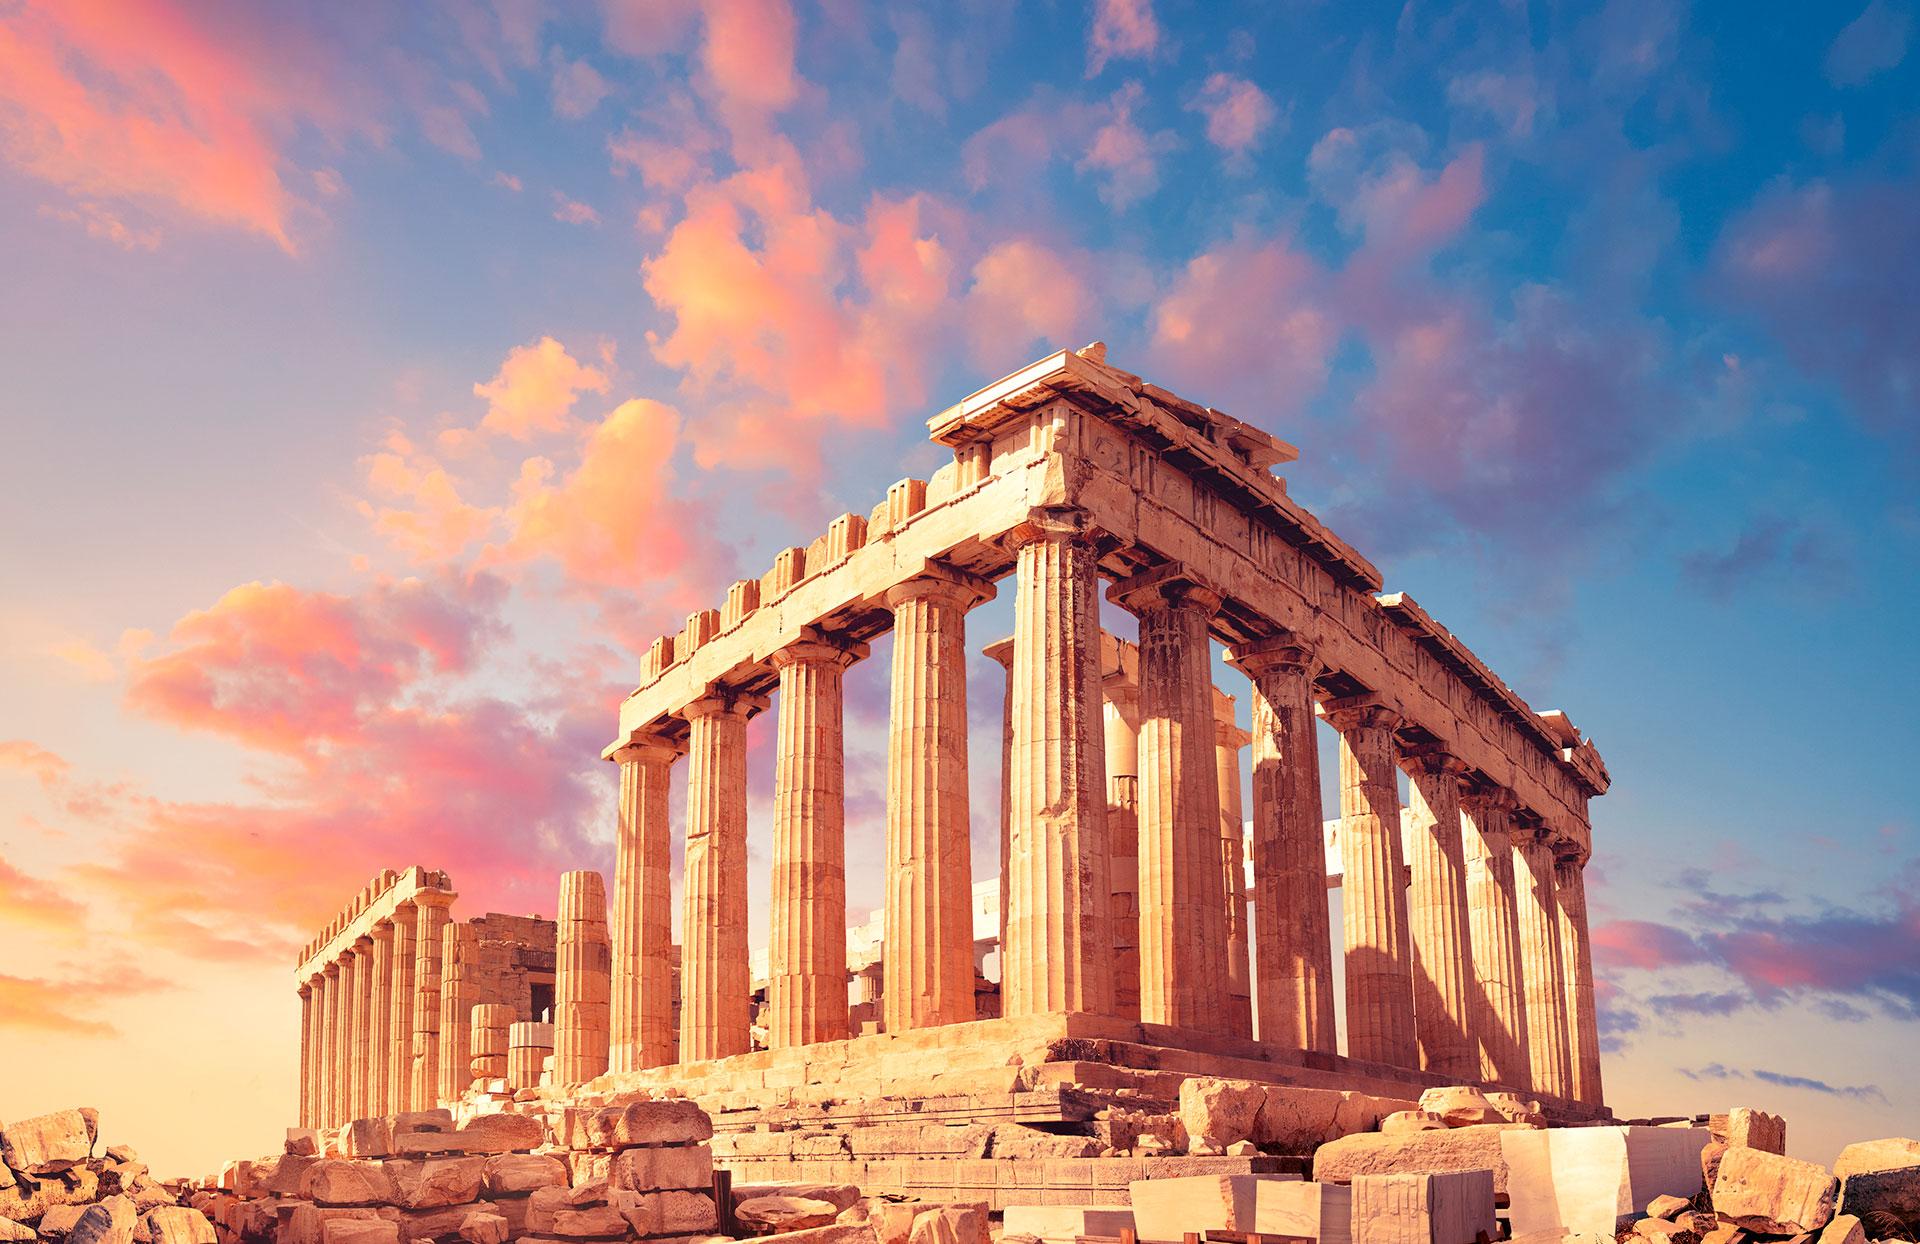 Se trata de un templo consagrado a la protectora de Atenas, Atenea Partenos, y uno de los principales templos dóricos octástilos, algo poco frecuente, de mármol blanco del Pentélico y cubierto con tejas de mármol de Paros, que se conservan